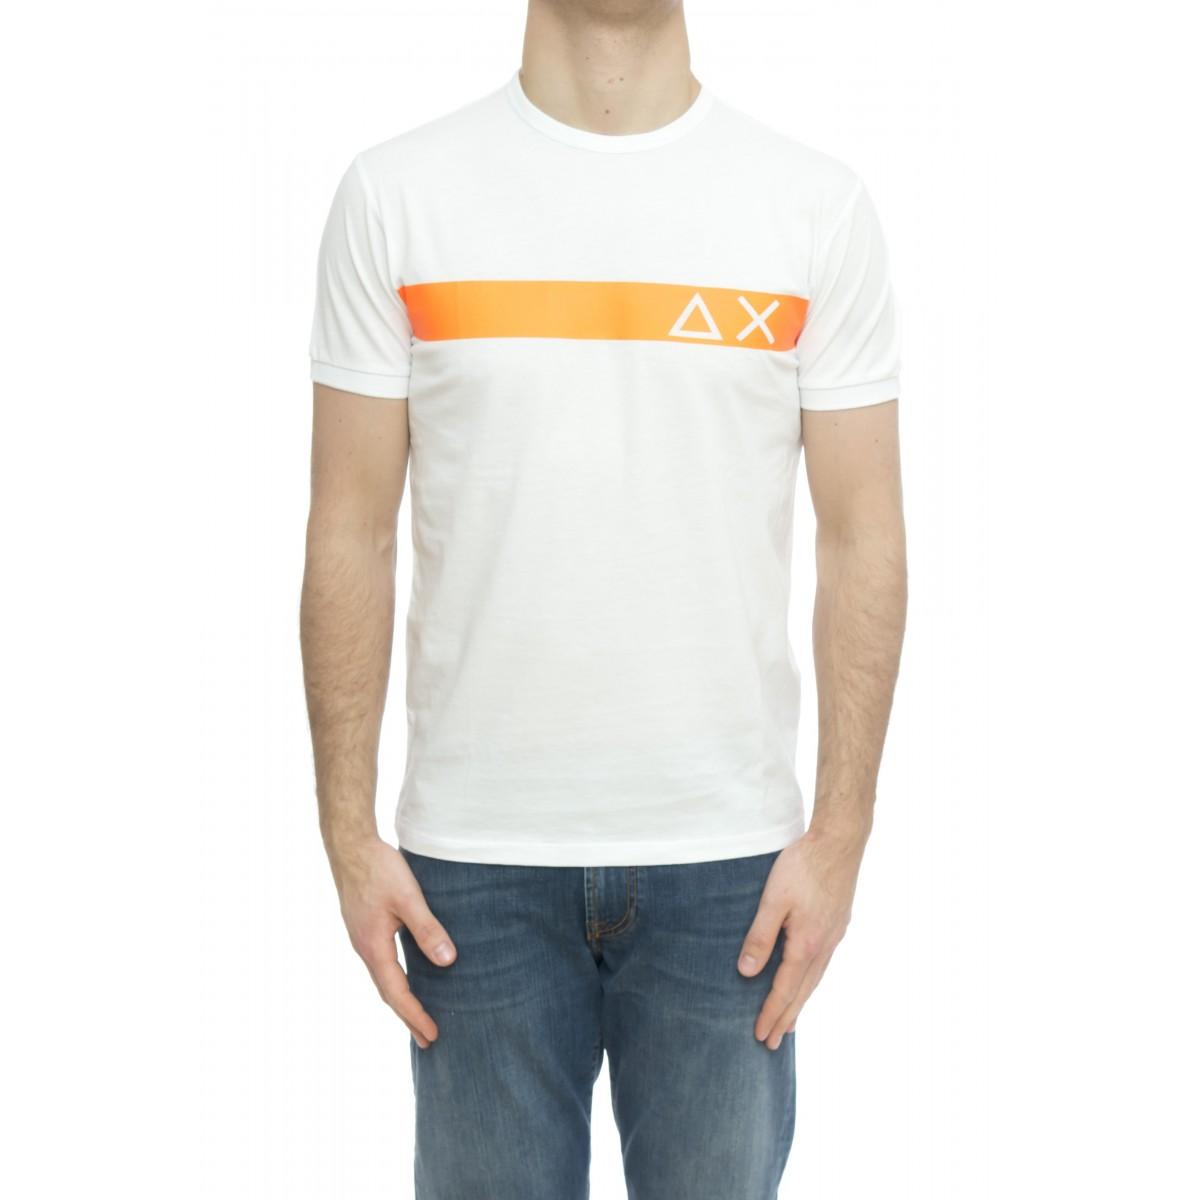 T-shirt - T30106 t-shirt banda fluo